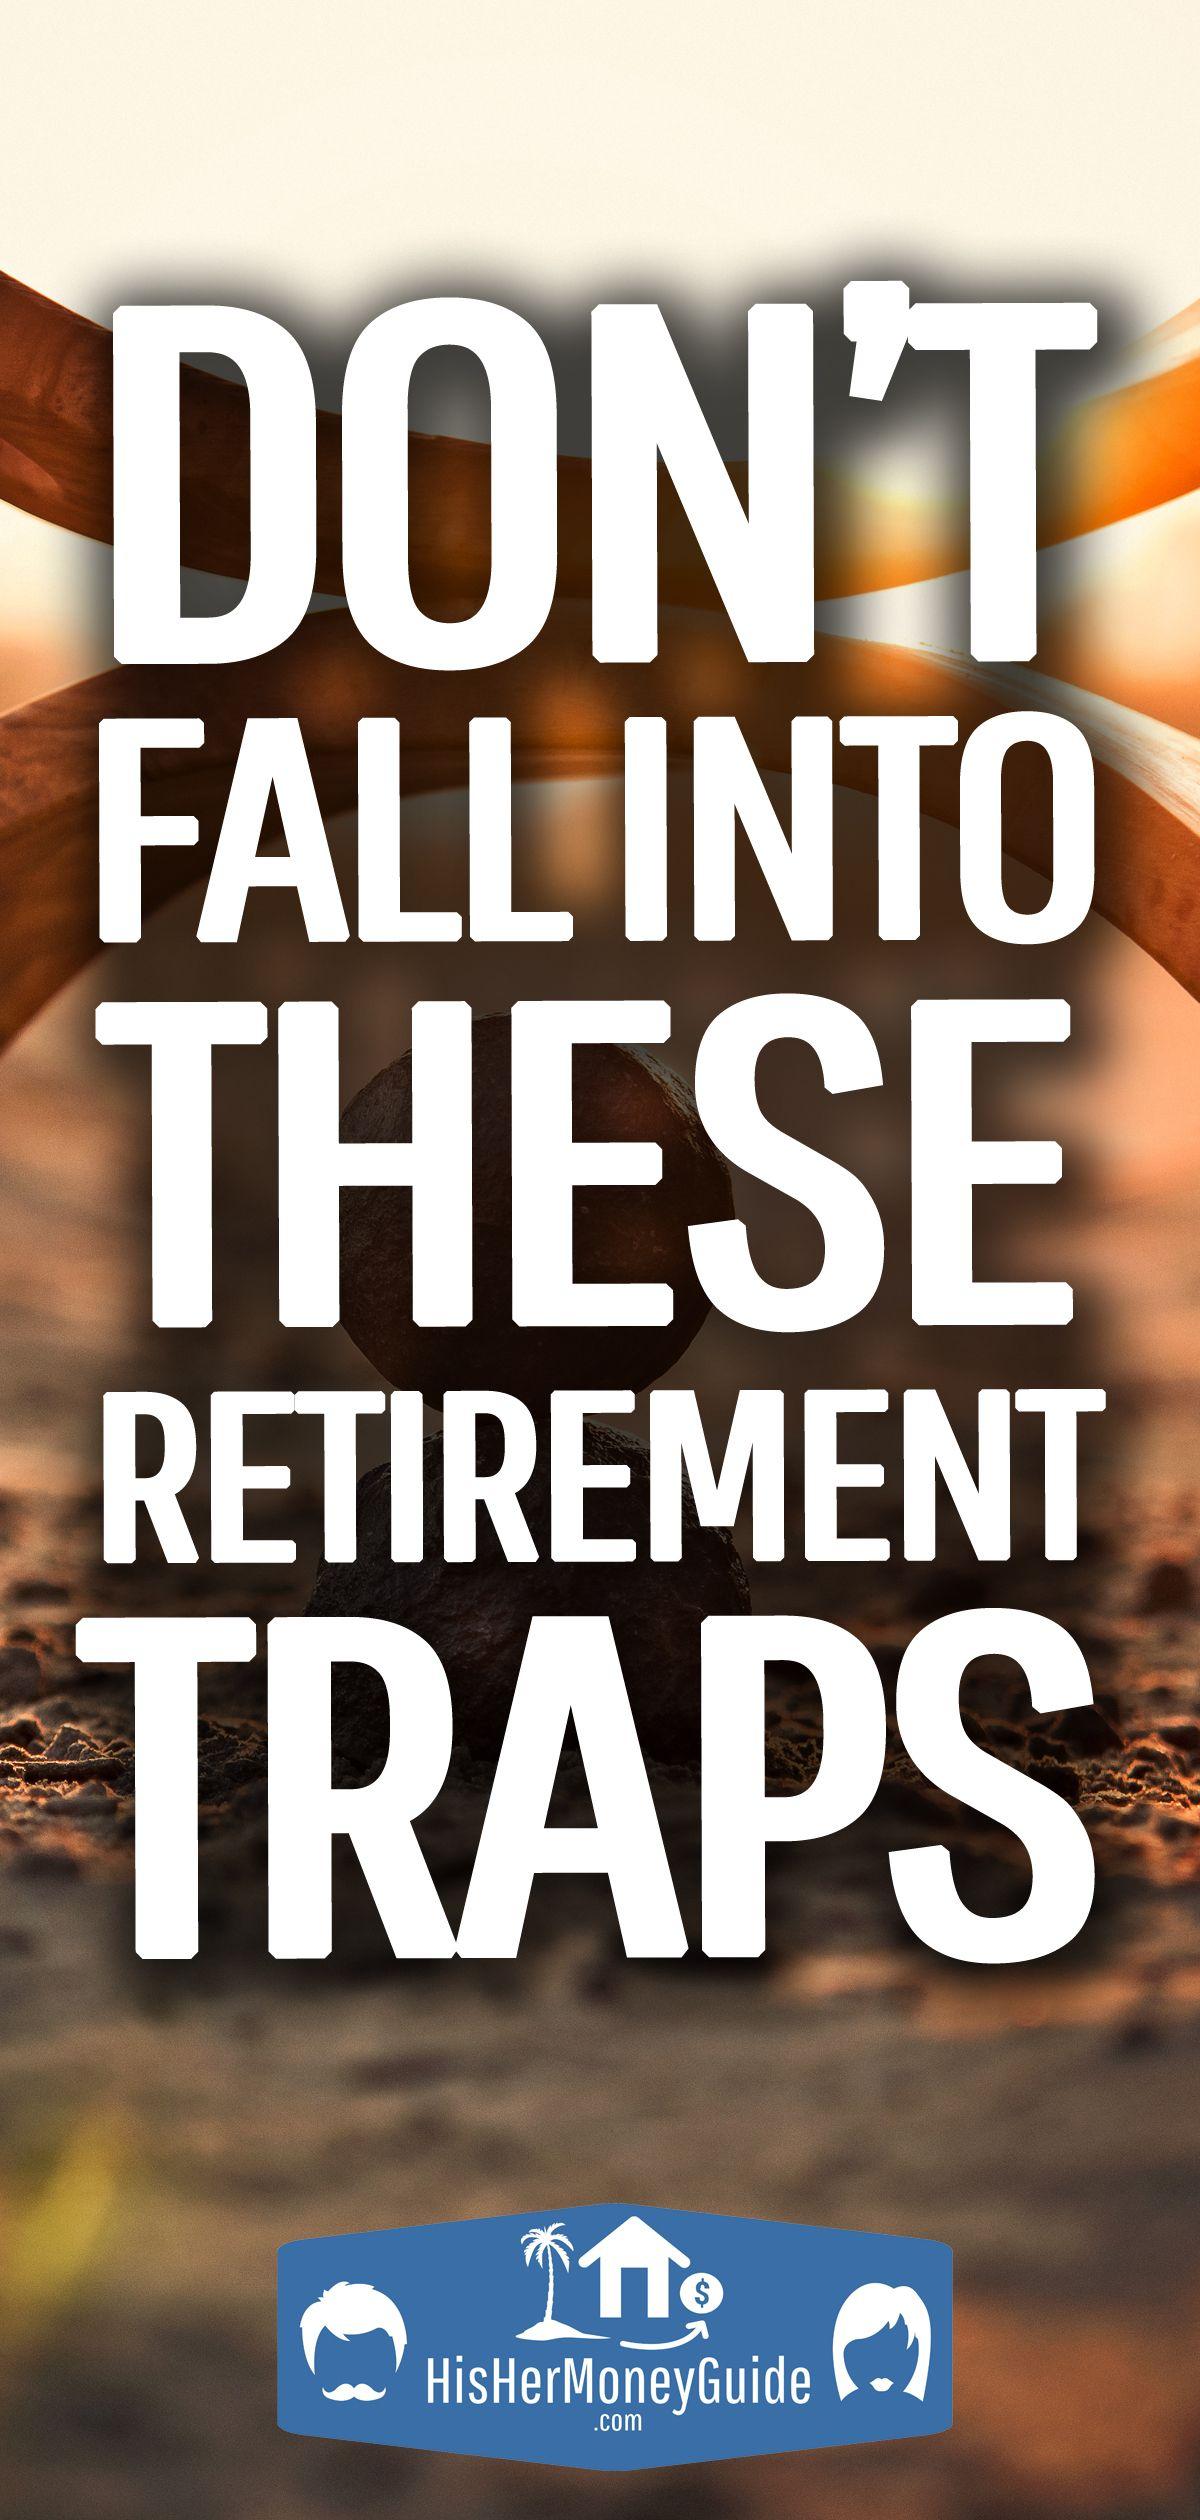 The Four Biggest Retirement Risks